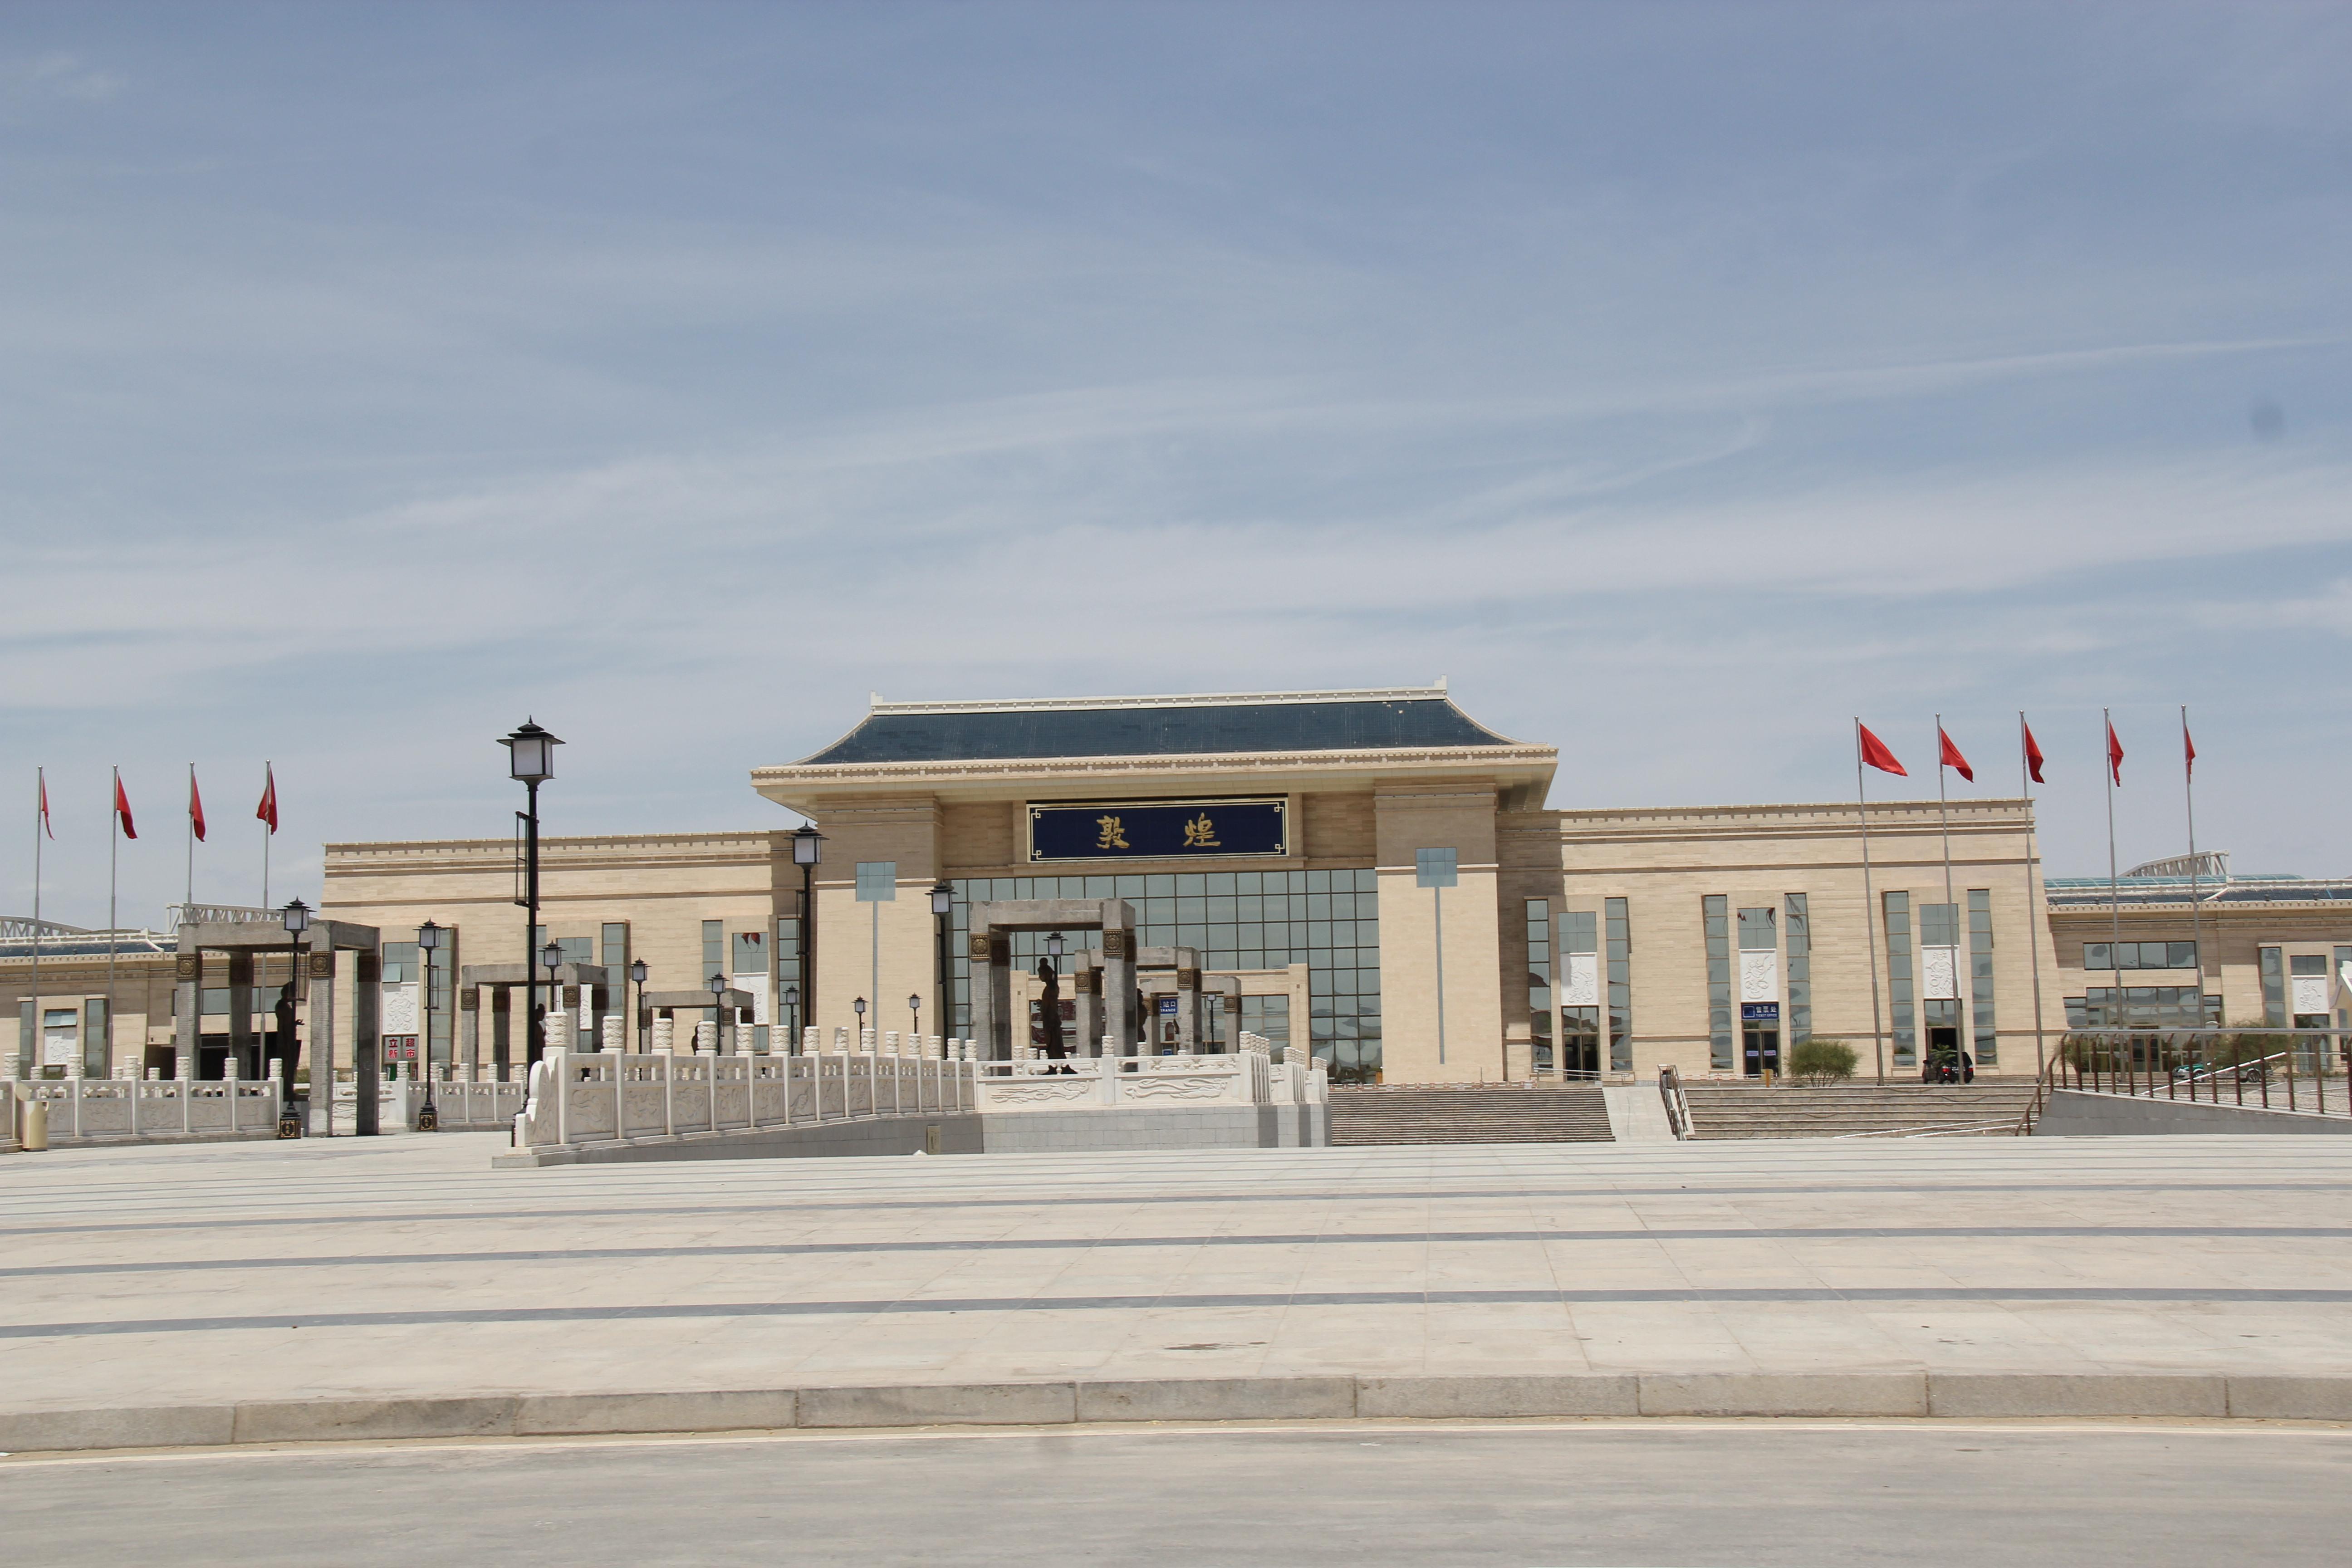 [图片] 敦煌火车站 敦煌火车站高清大图-敦煌火车站图库